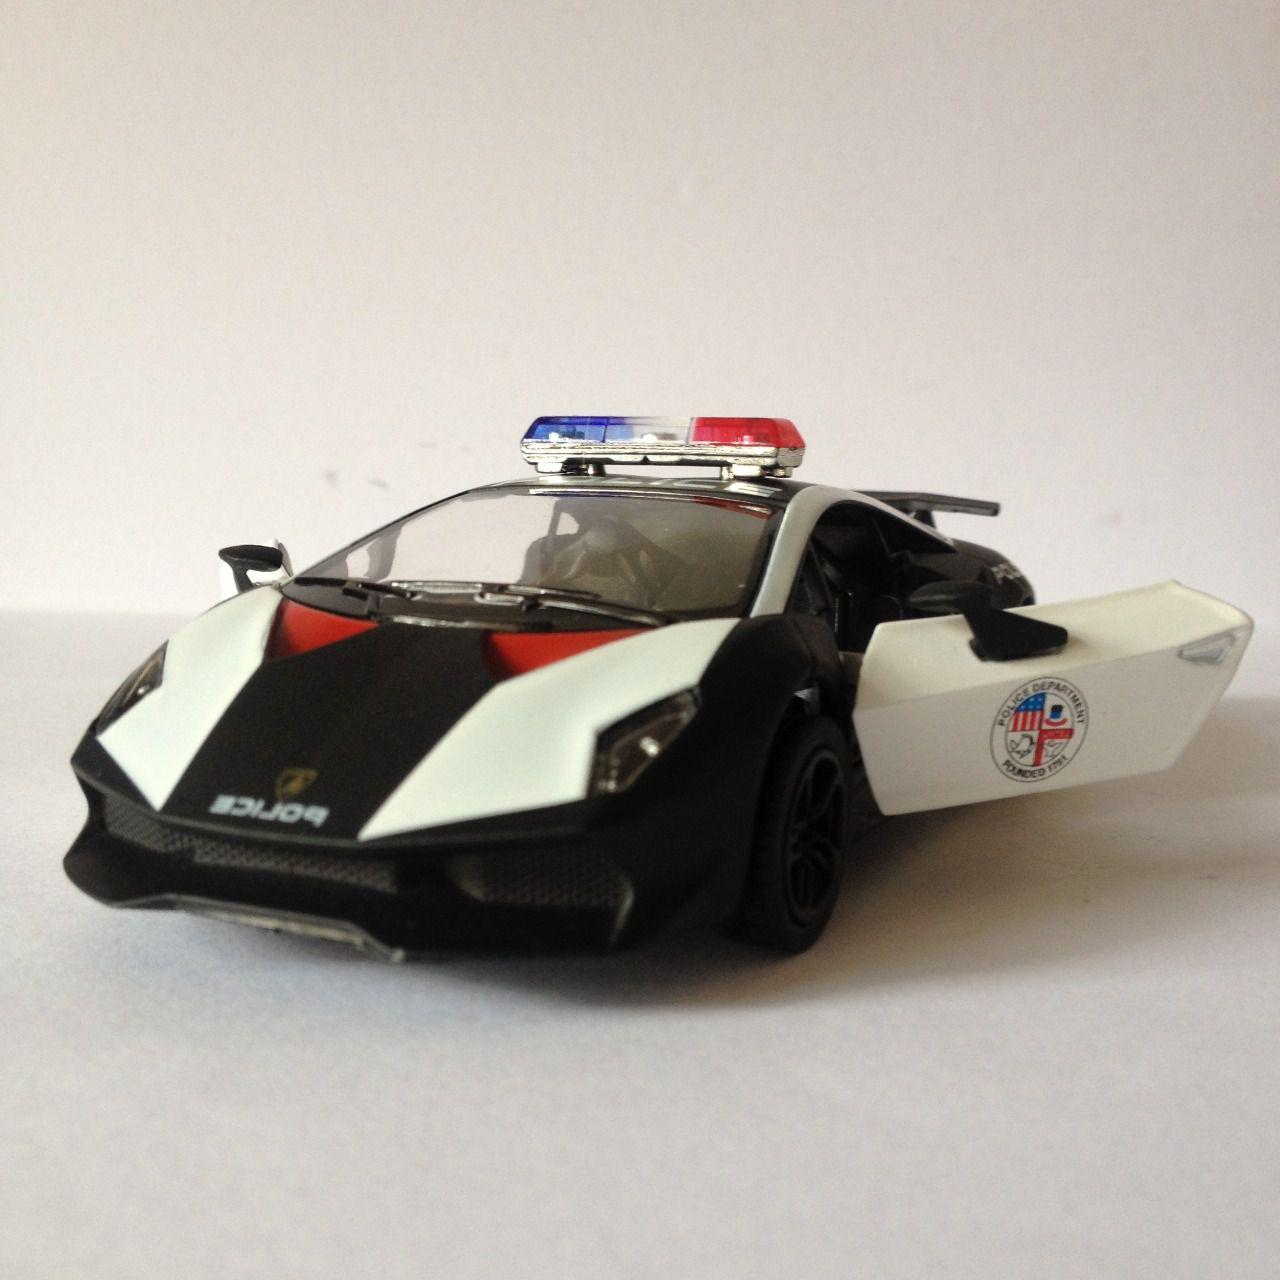 Lamborghini Sesto Elemento (Polícia) - Preto - Escala 1:32